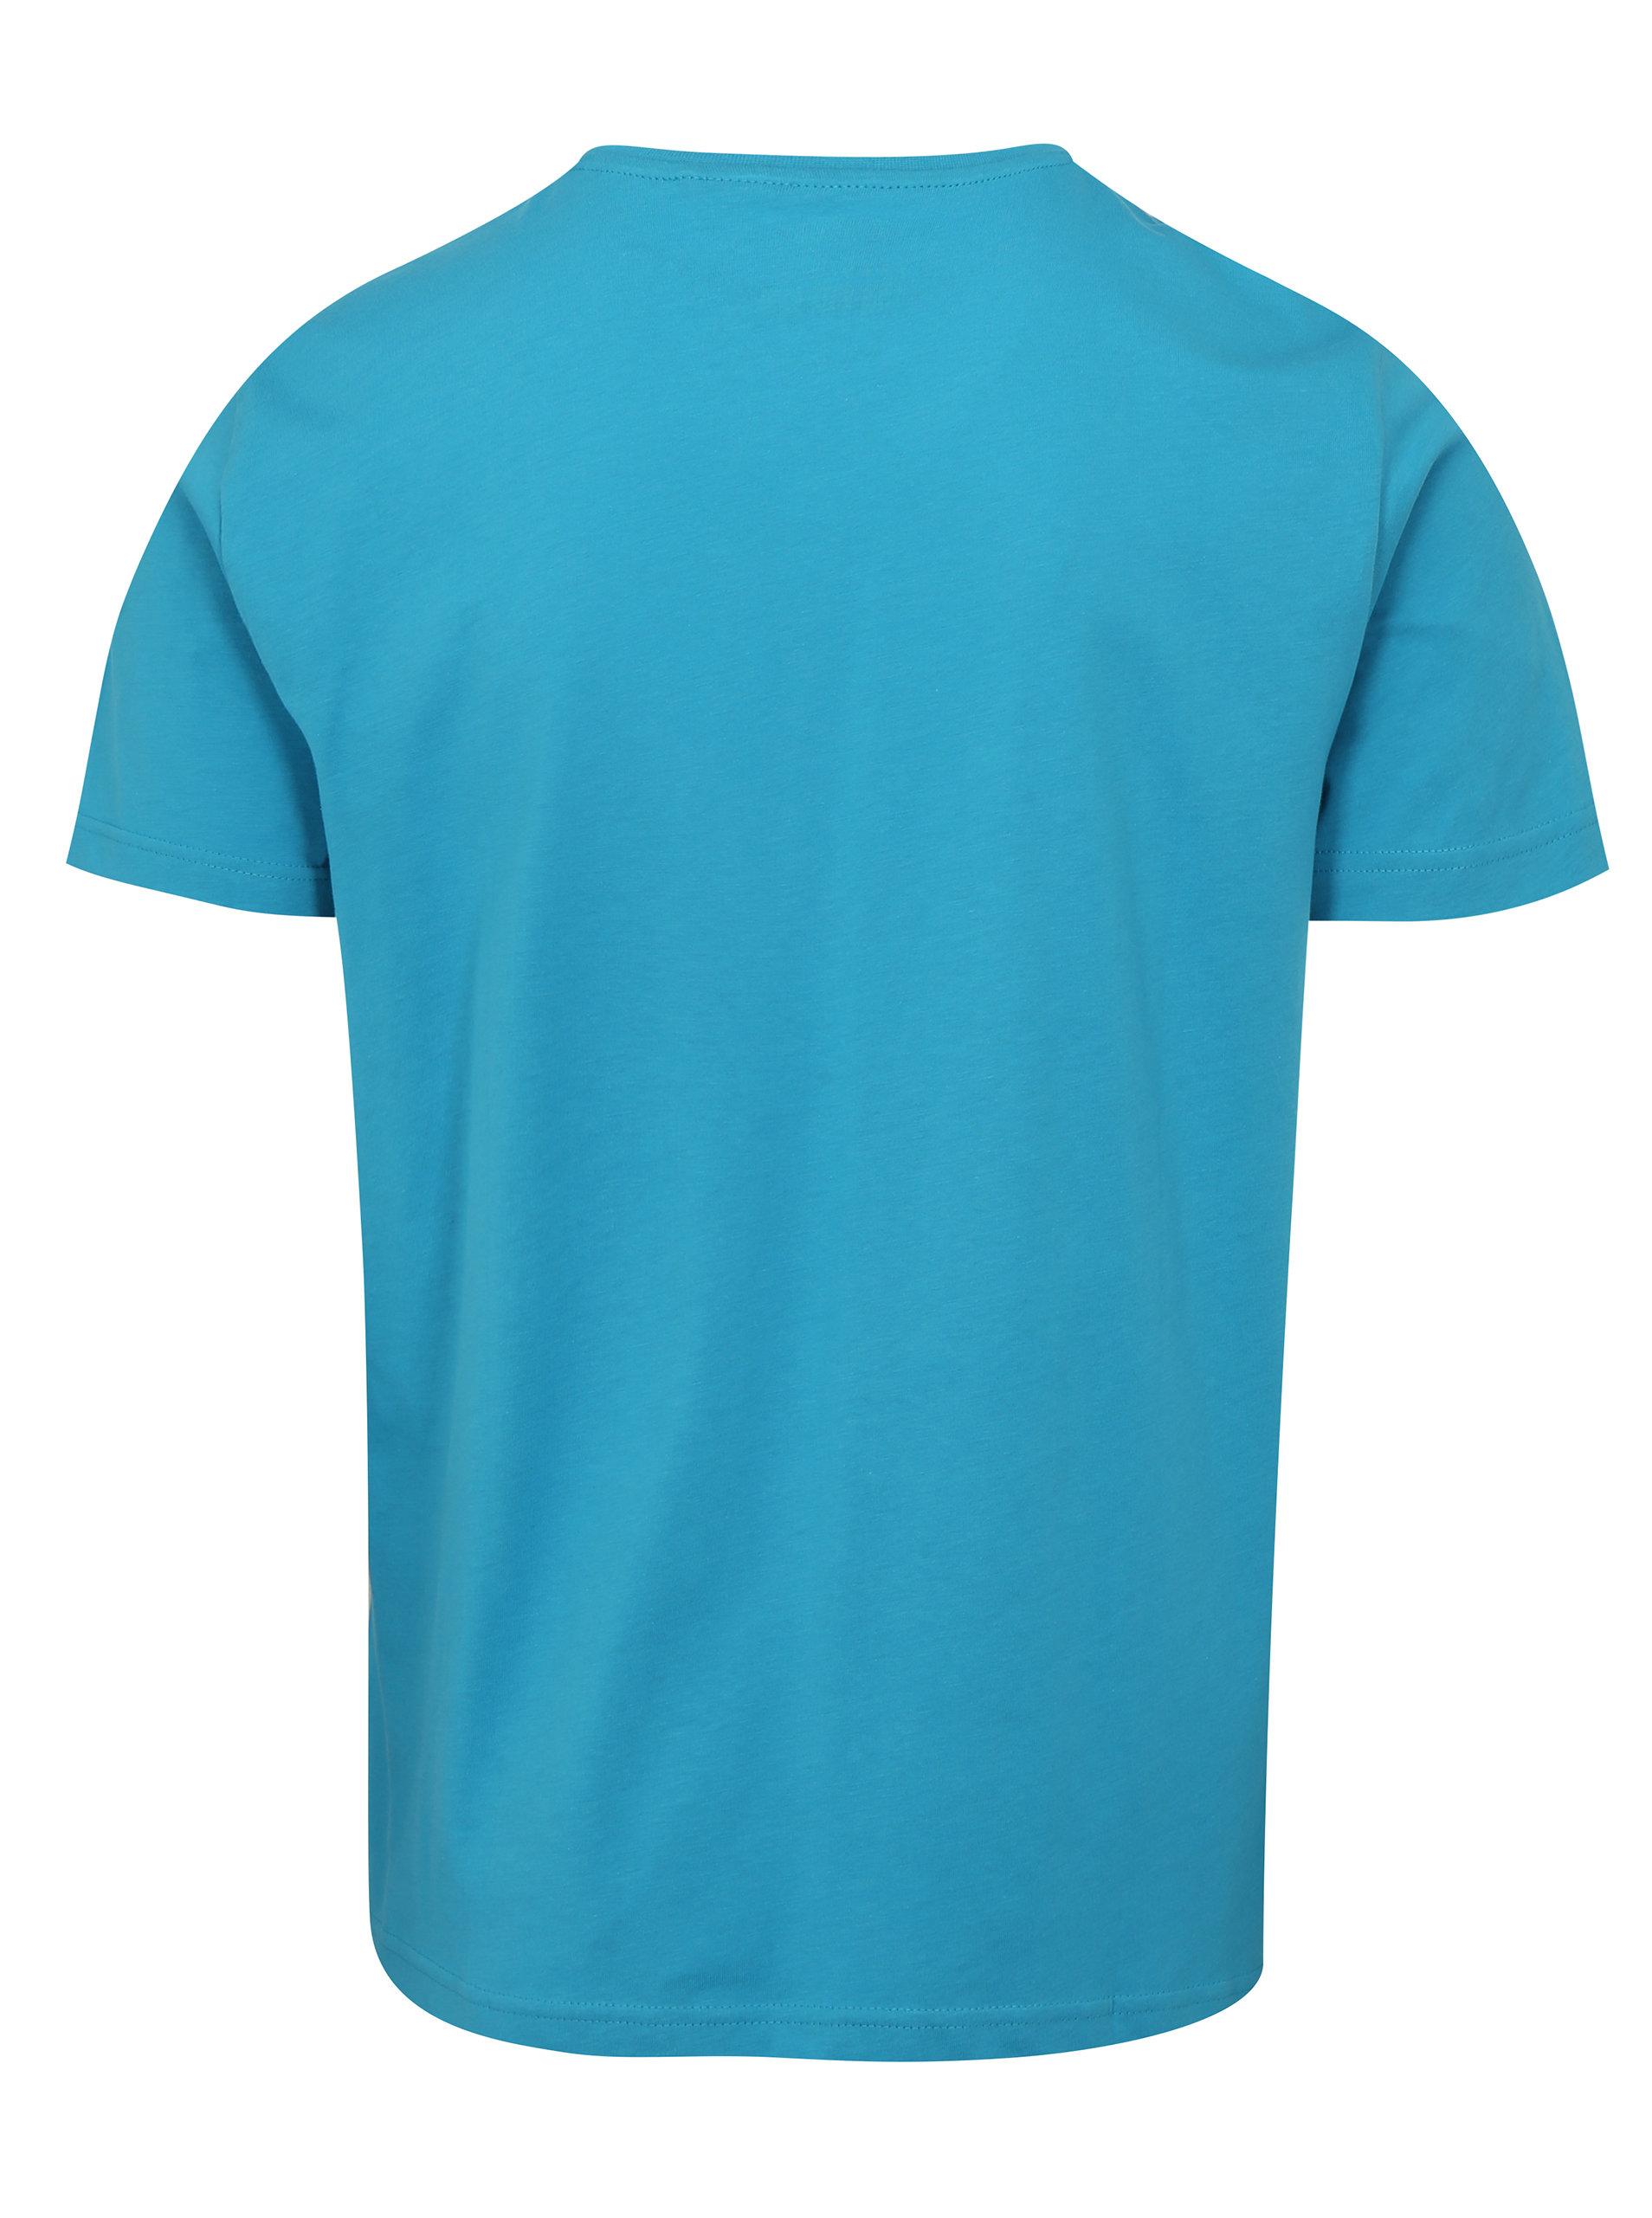 ca1d968bed83 Modré pánske tričko s potlačou s.Oliver